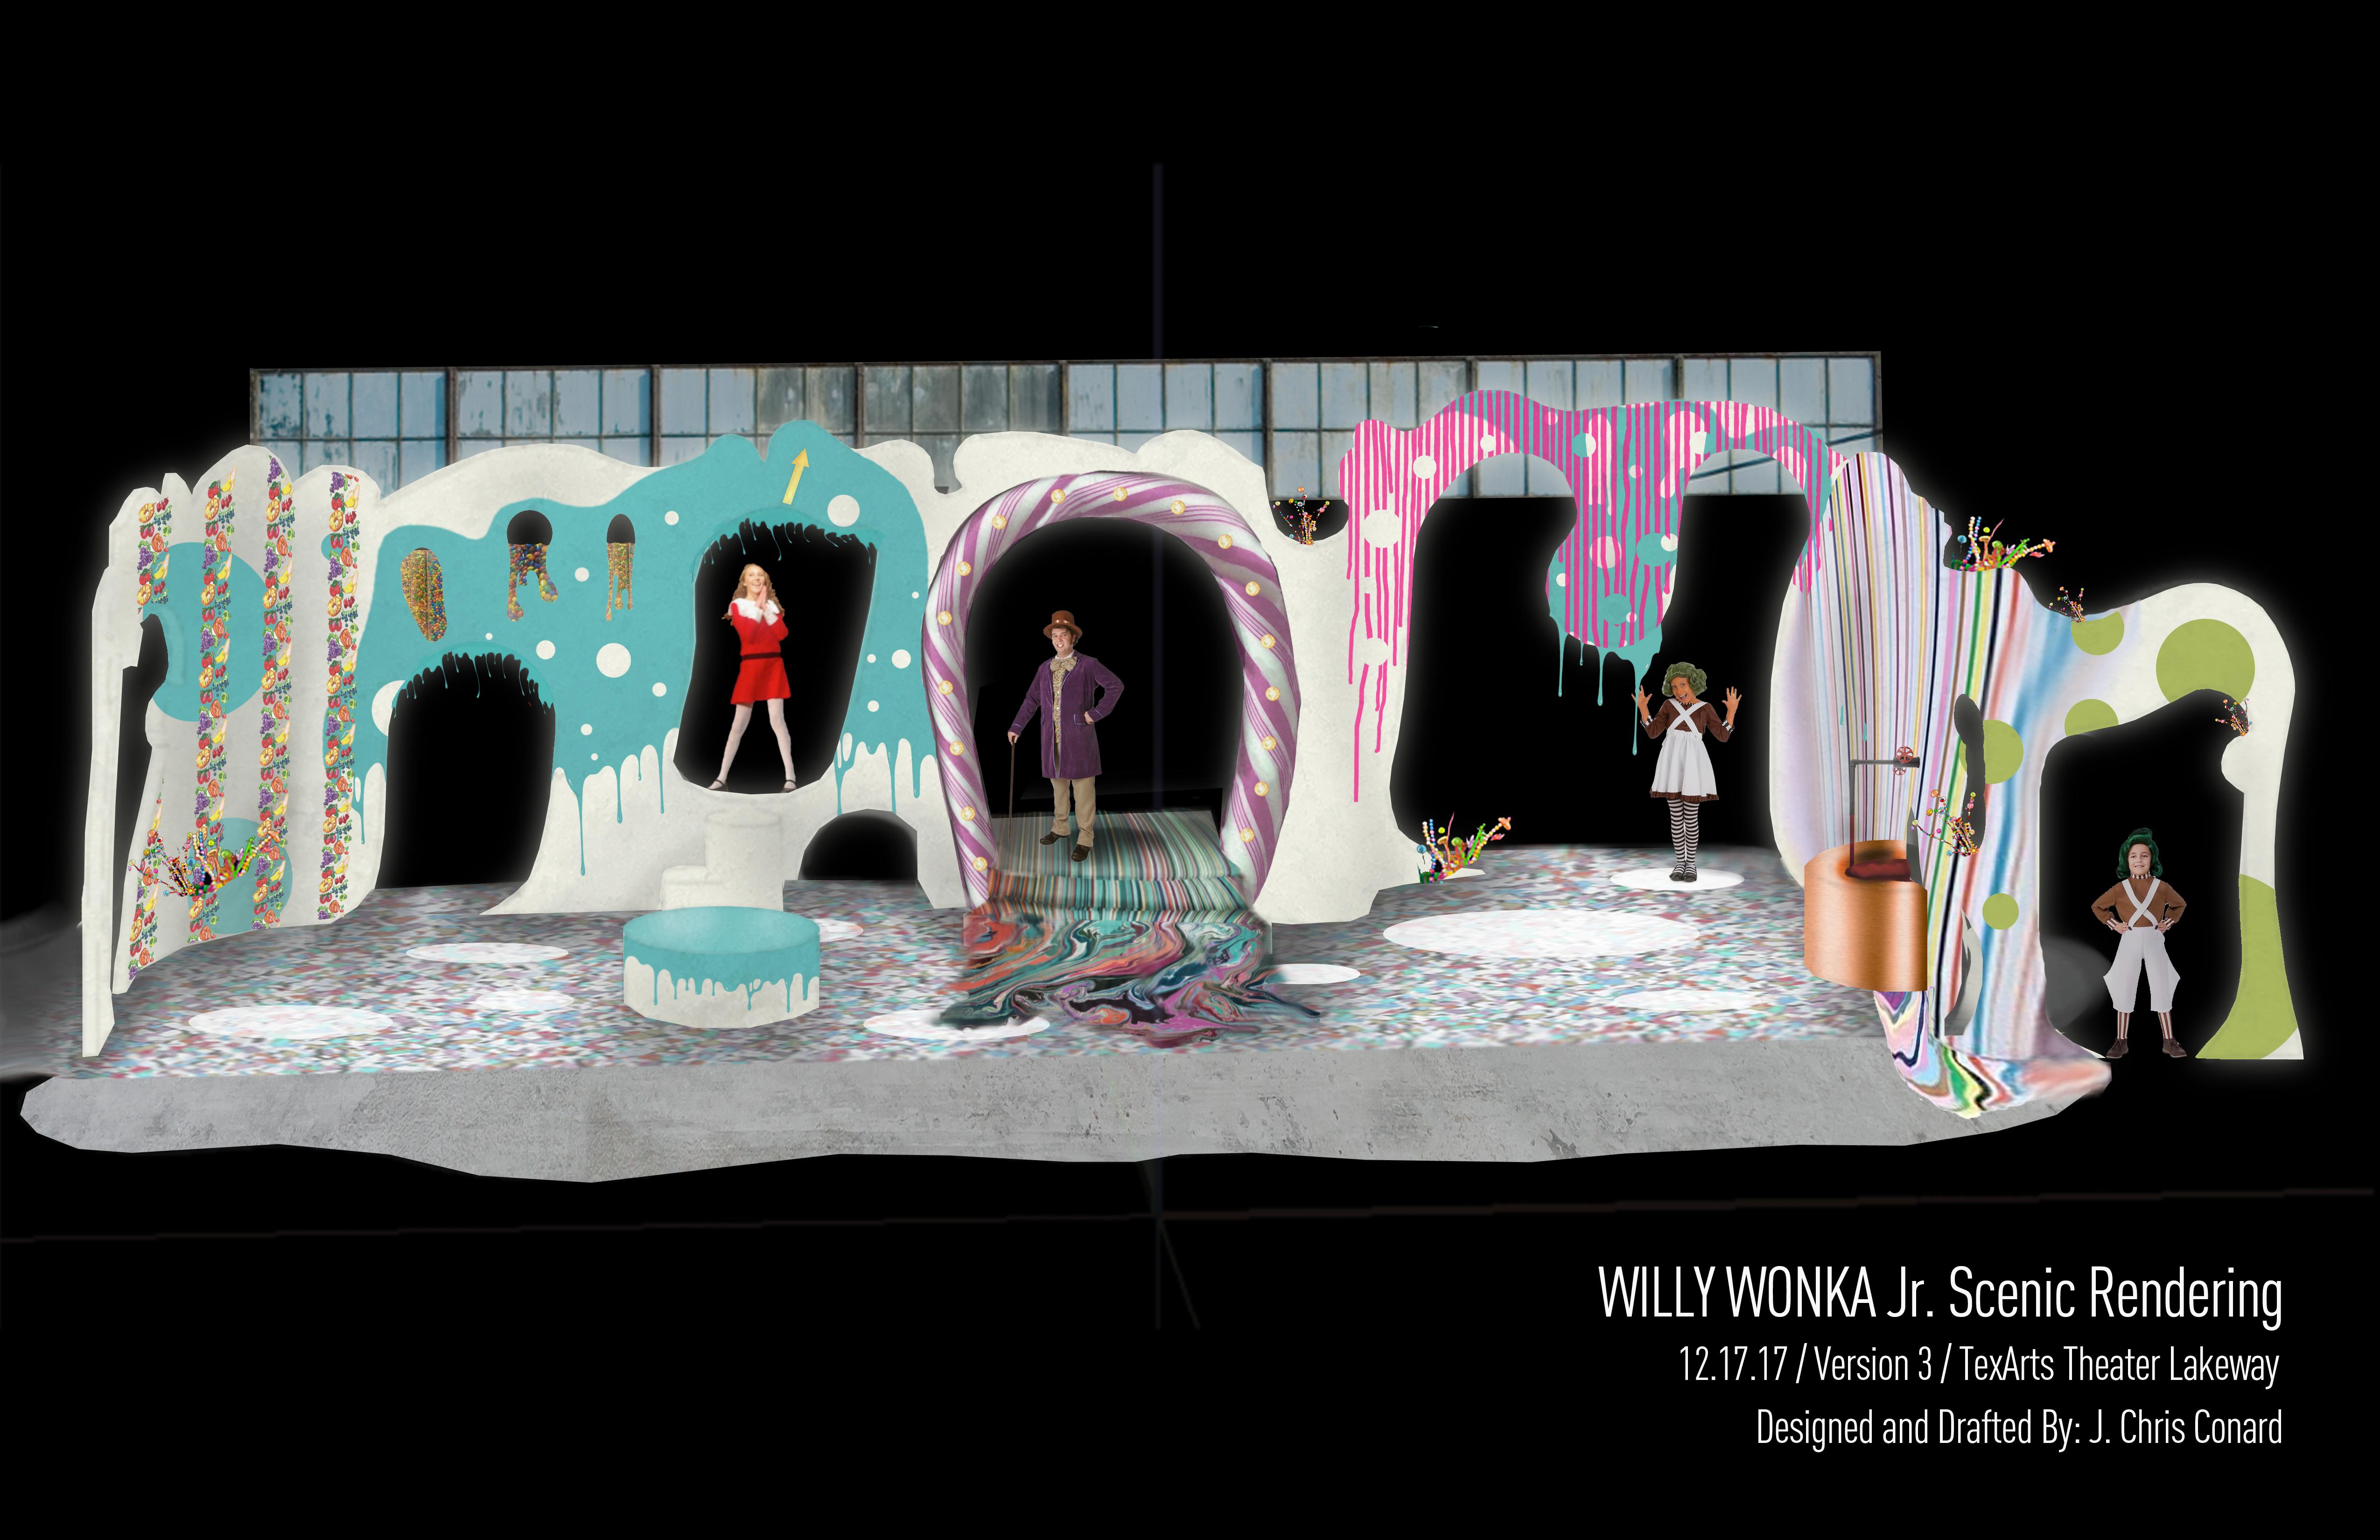 Wonka Rendering ACT 2